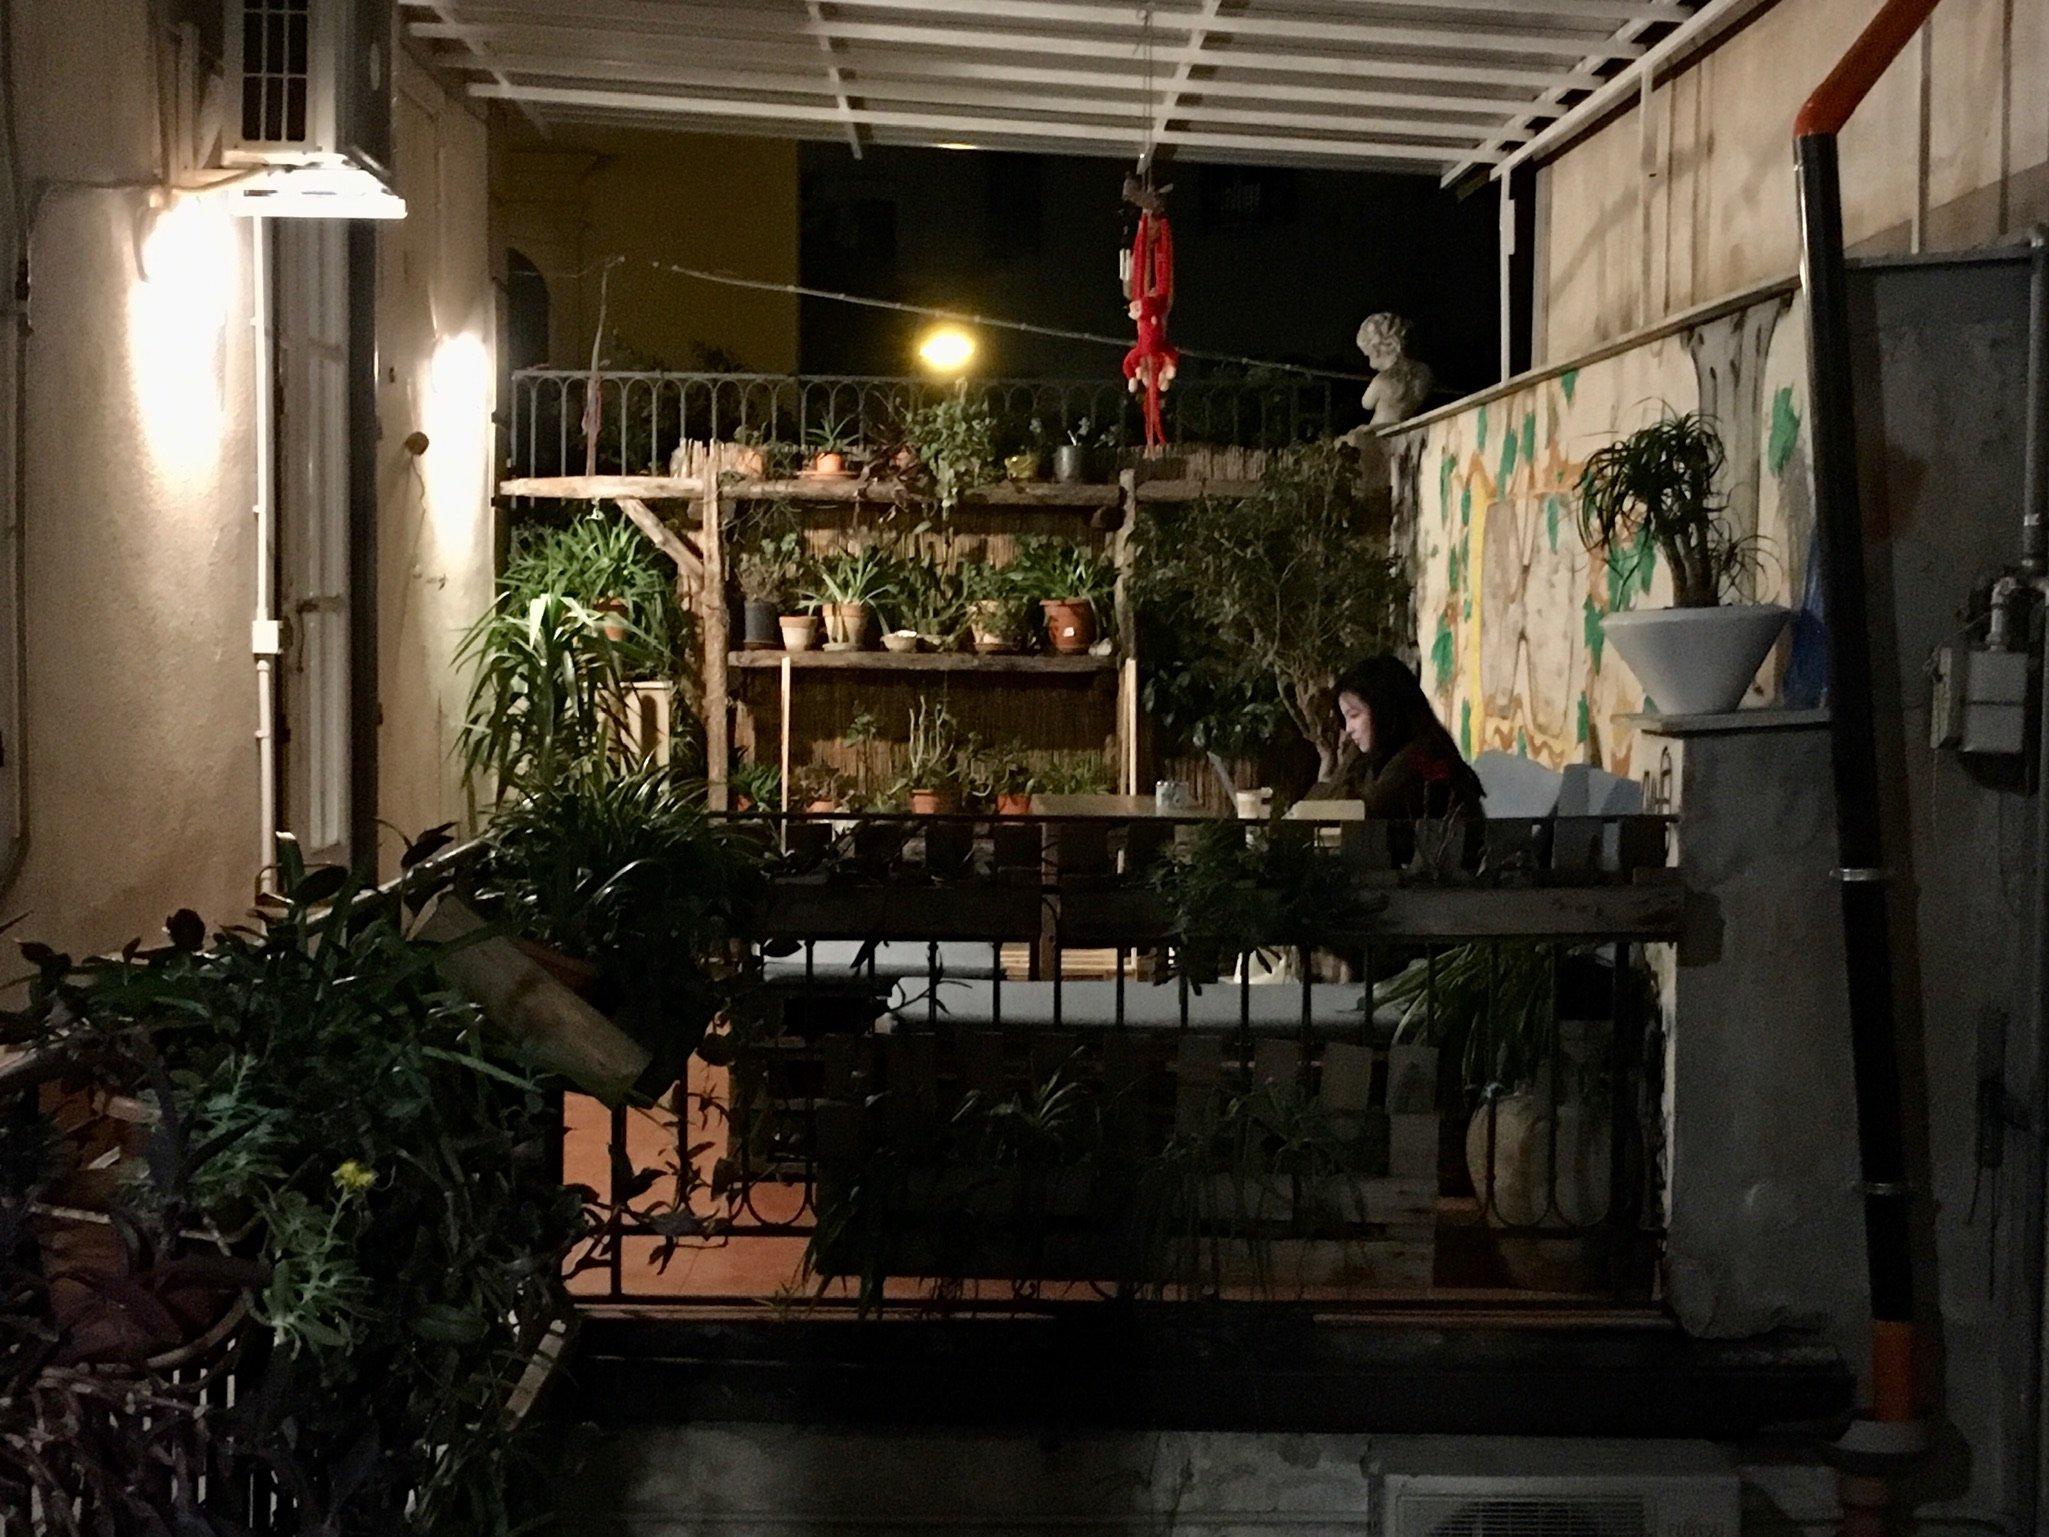 Hostel in Palermo